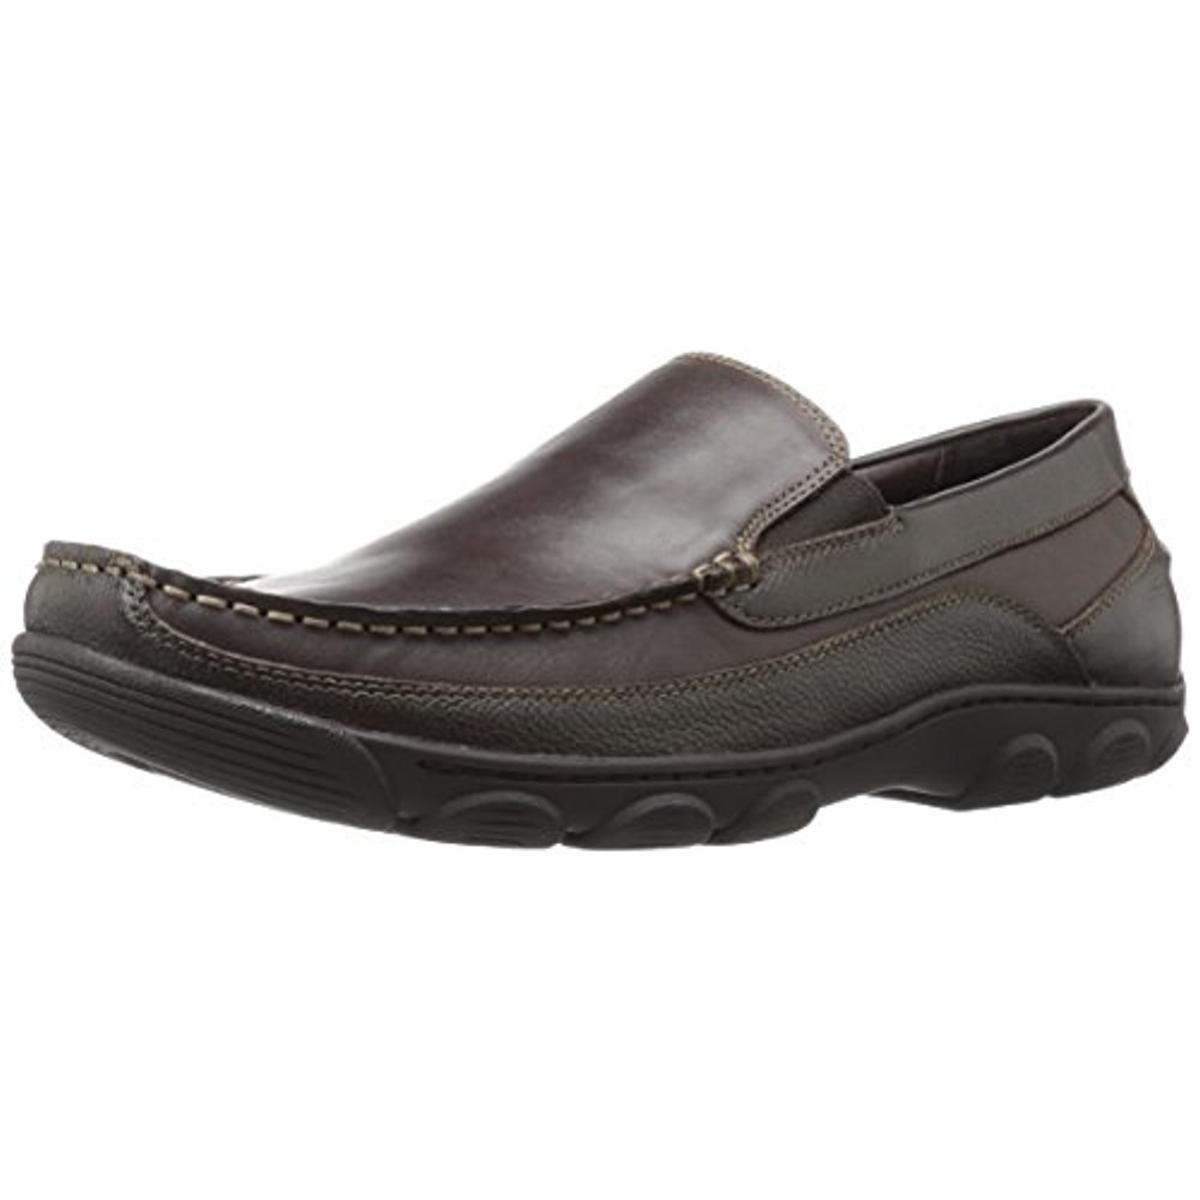 Giorgio Brutini Mens Fillmore Leather Slip On Loafers by Giorgio Brutini